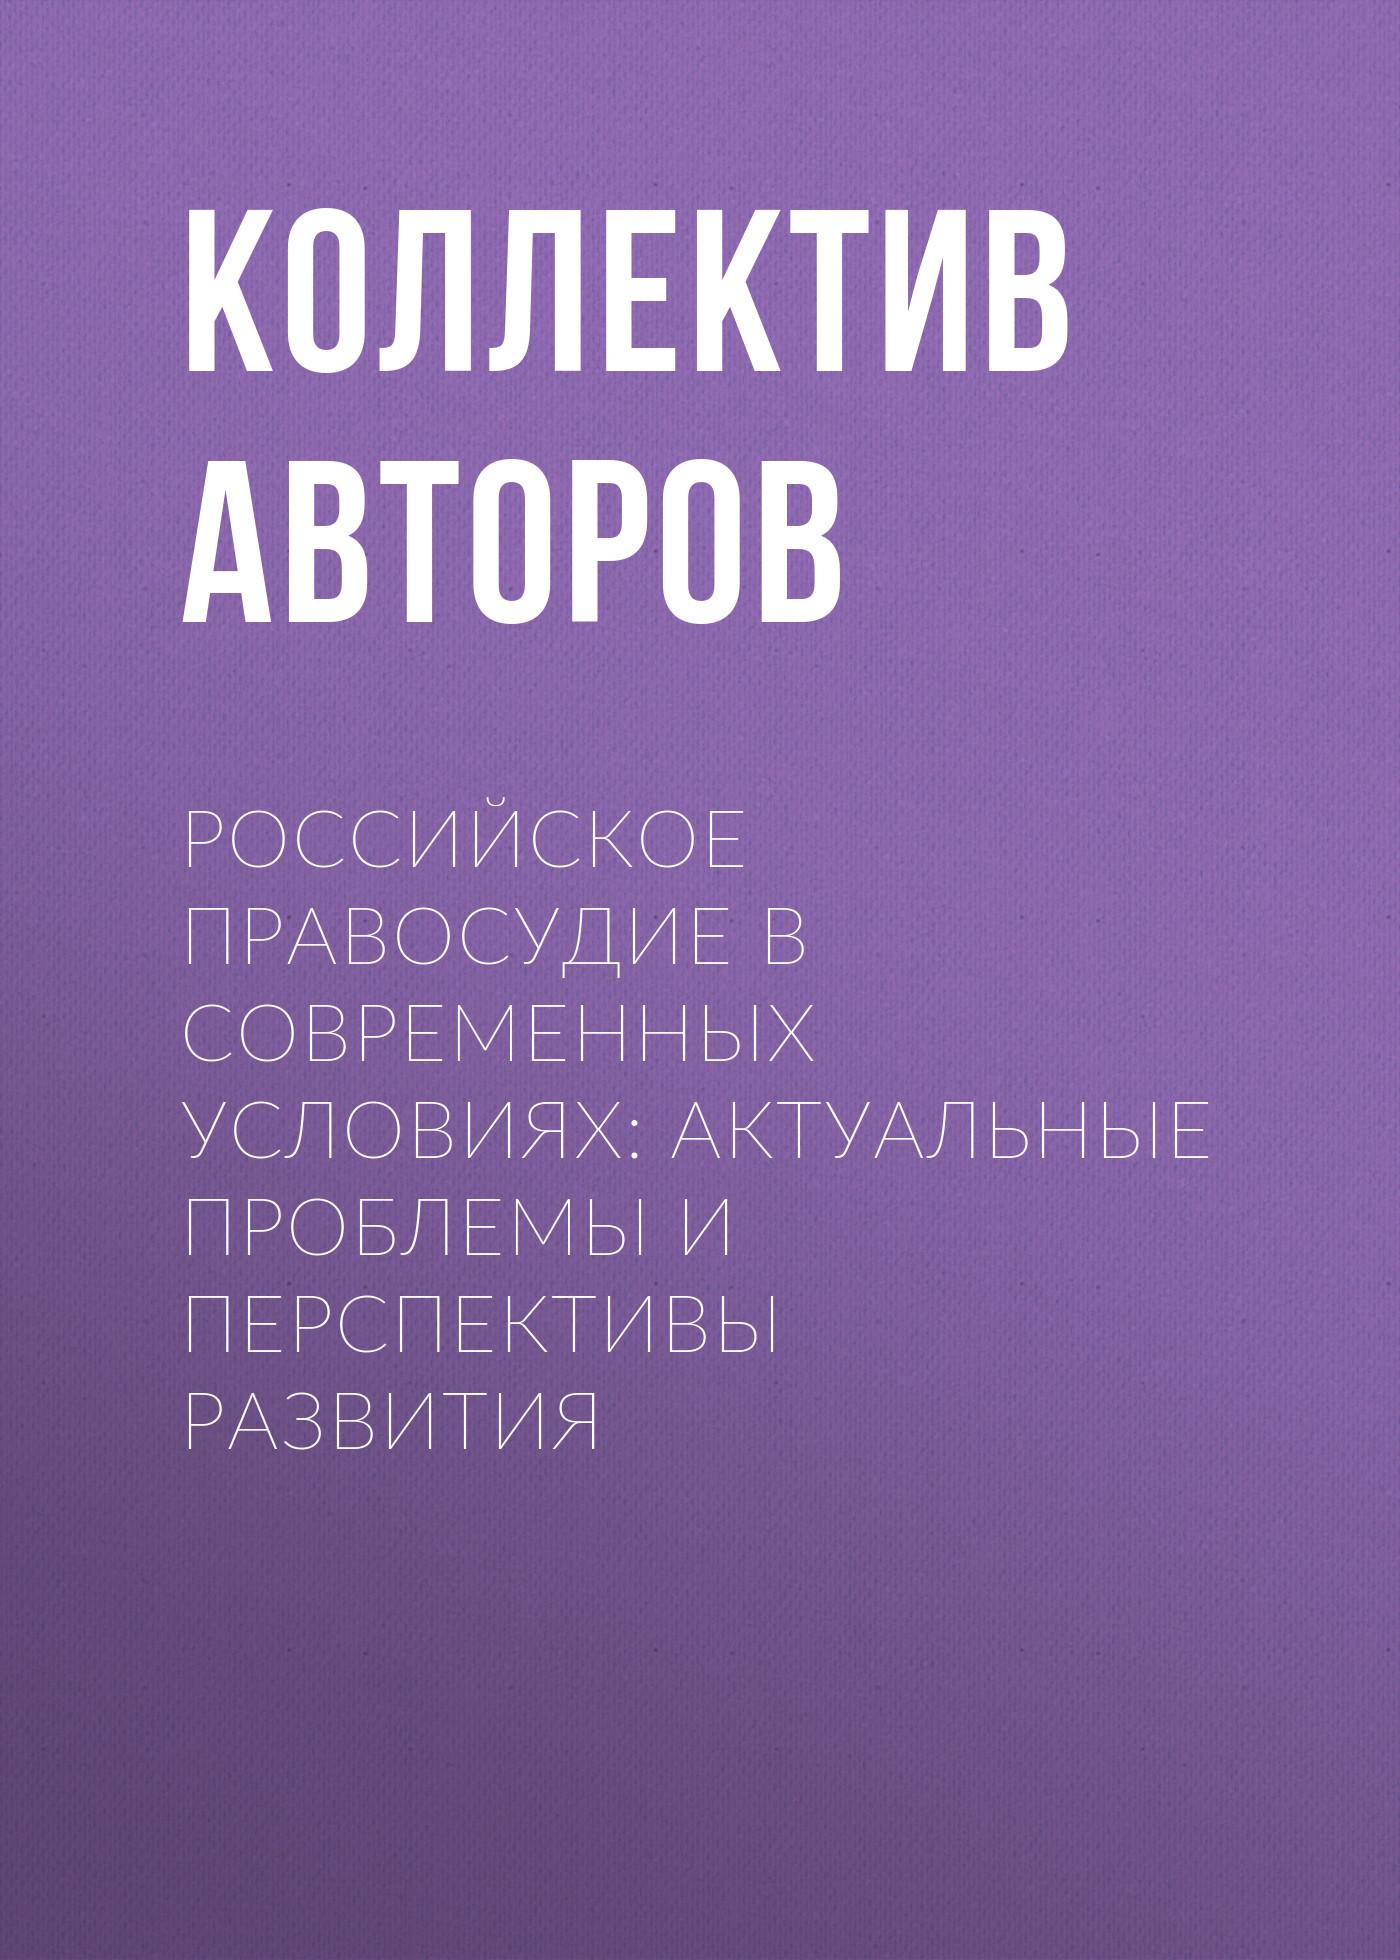 Коллектив авторов Российское правосудие в современных условиях: актуальные проблемы и перспективы развития